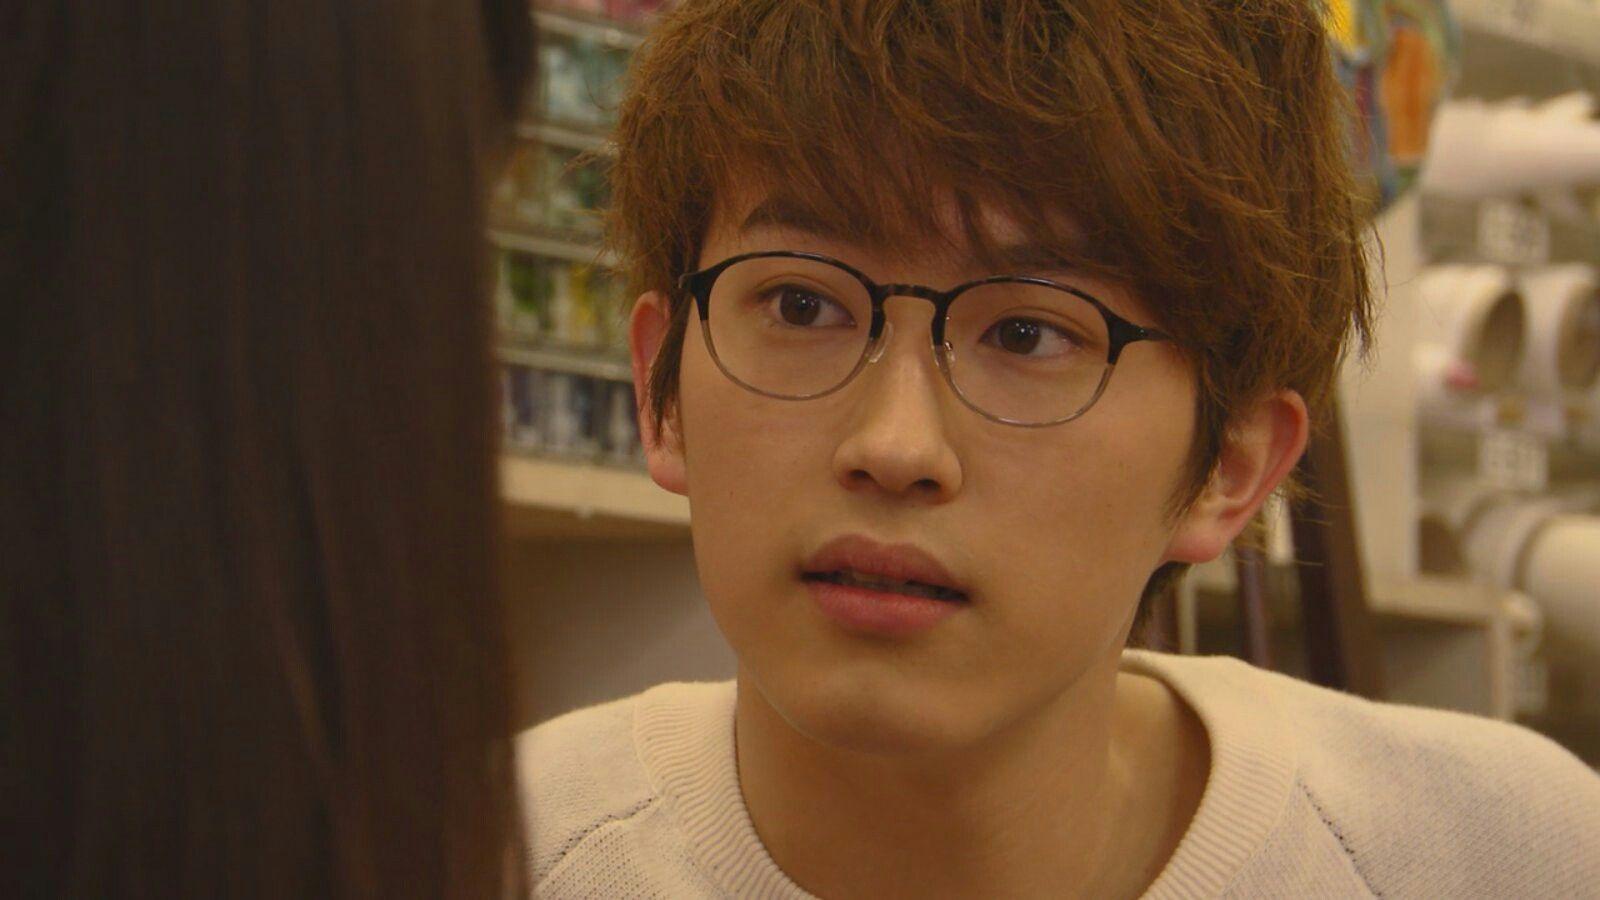 Yosuke Sugino (杉野遥亮) | 俳優, 杉野, イケメン俳優